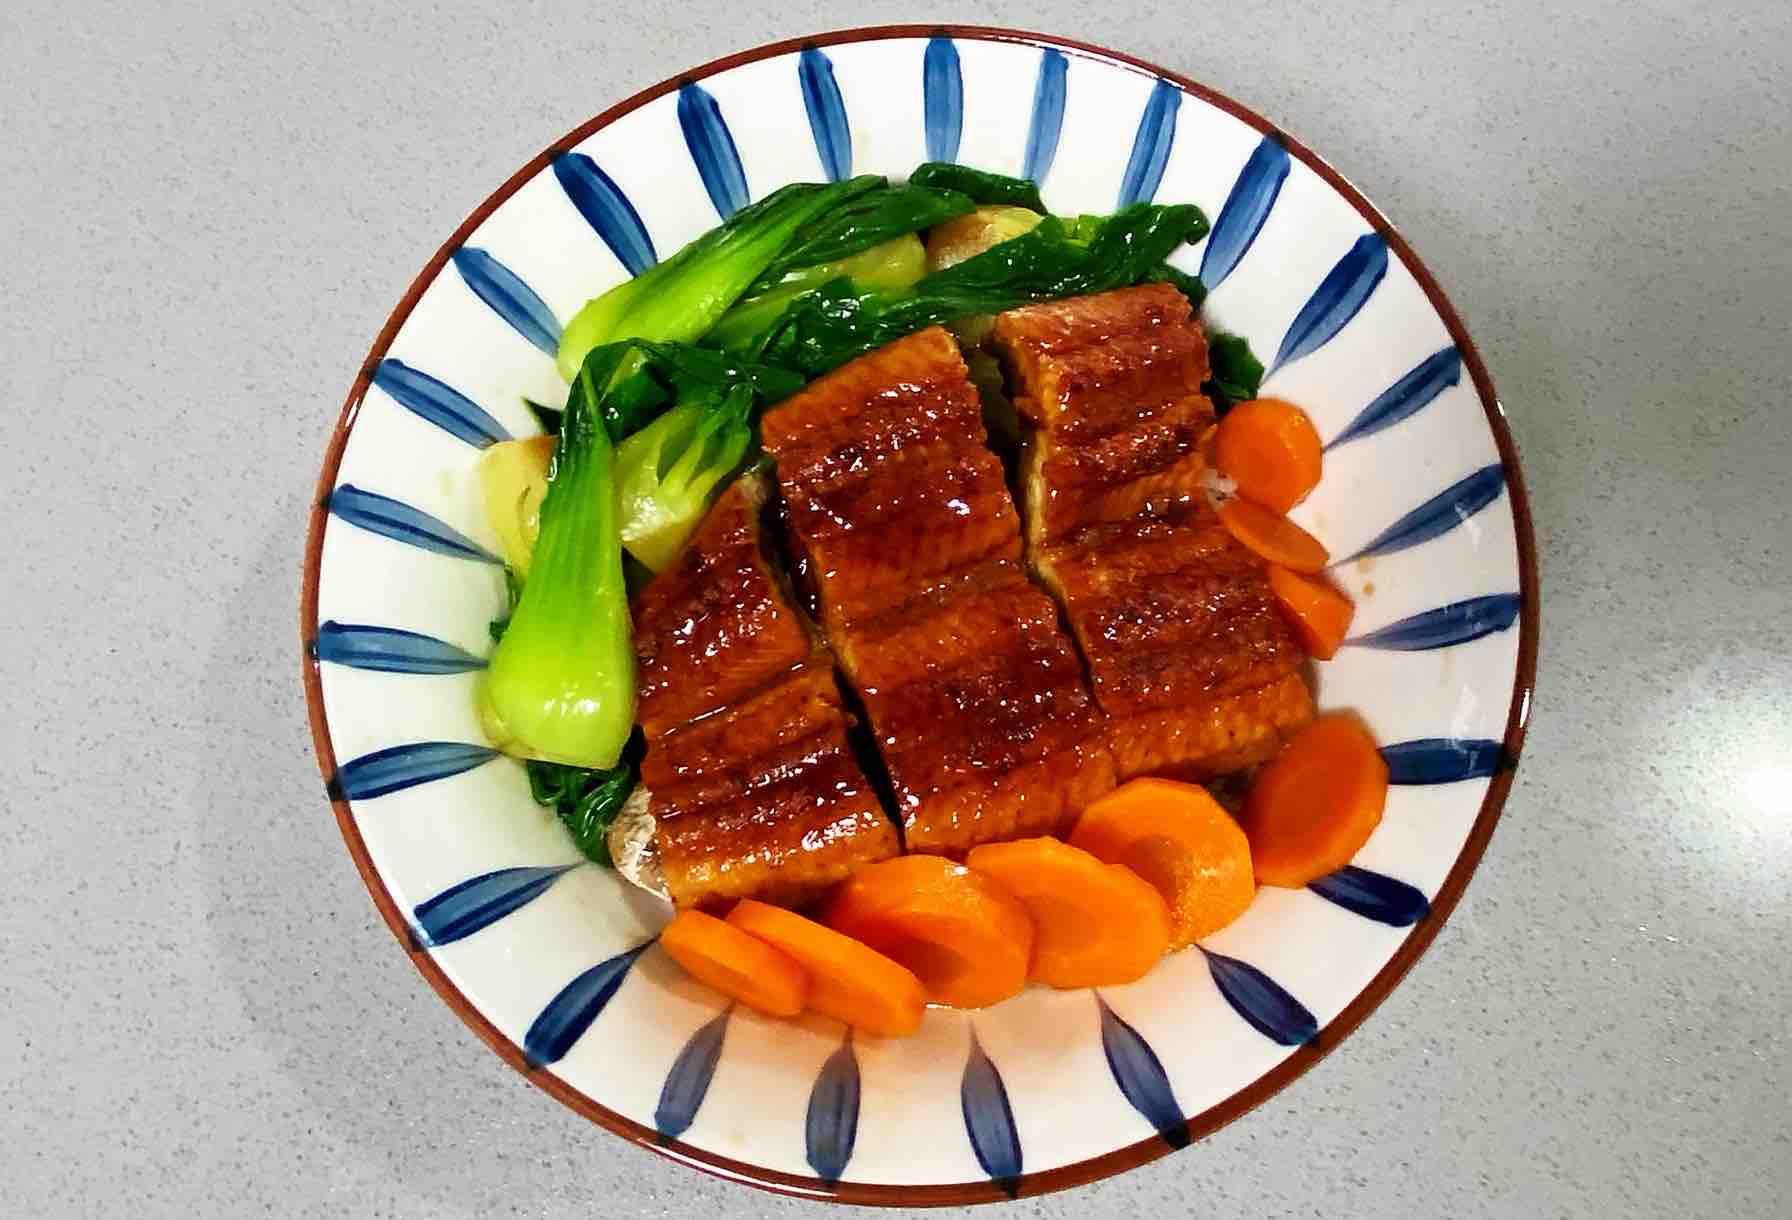 【孕妇食谱】日式蒲烧鳗鱼饭,酱汁浓郁、肉质香嫩,回味无穷~怎么煮